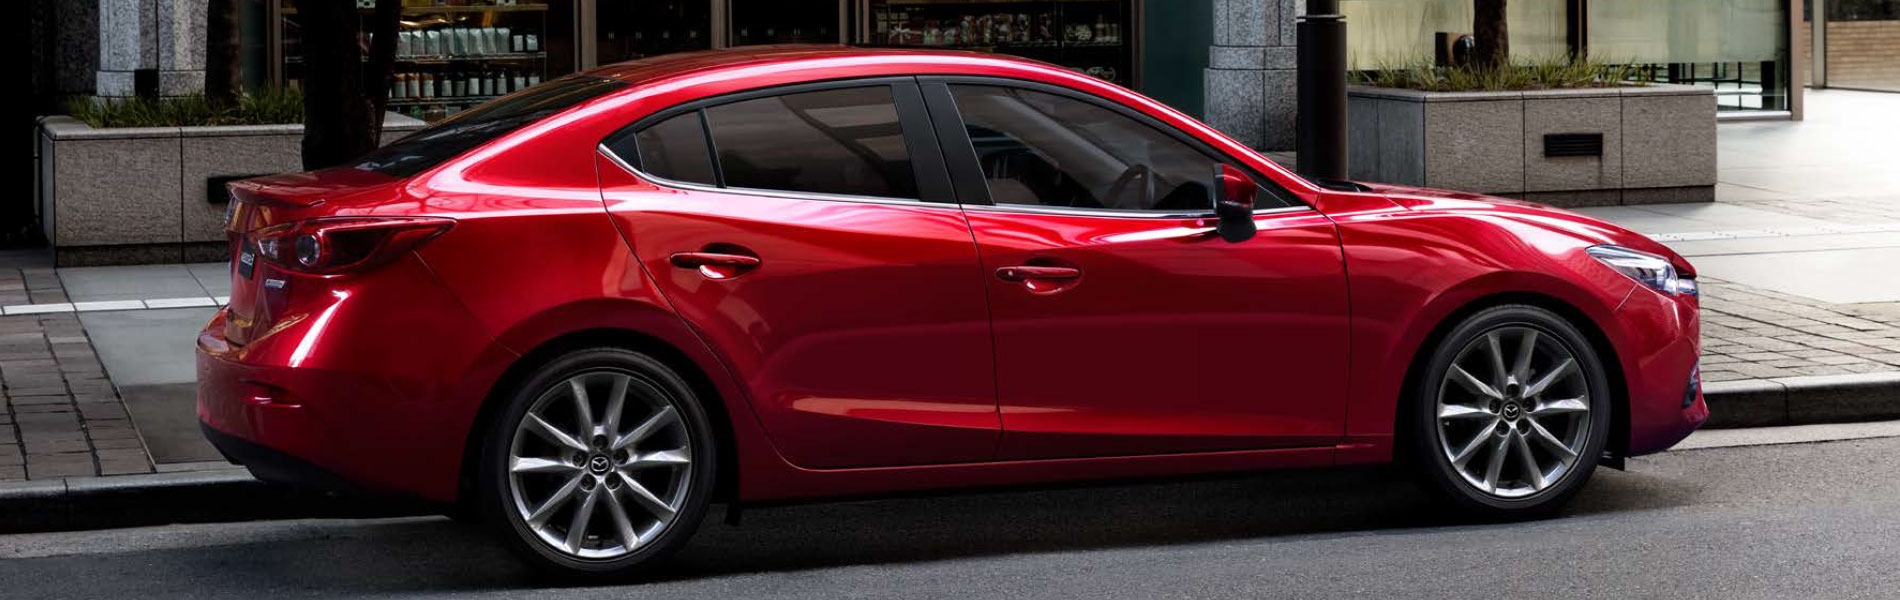 Mazda Mazda3 Image 0